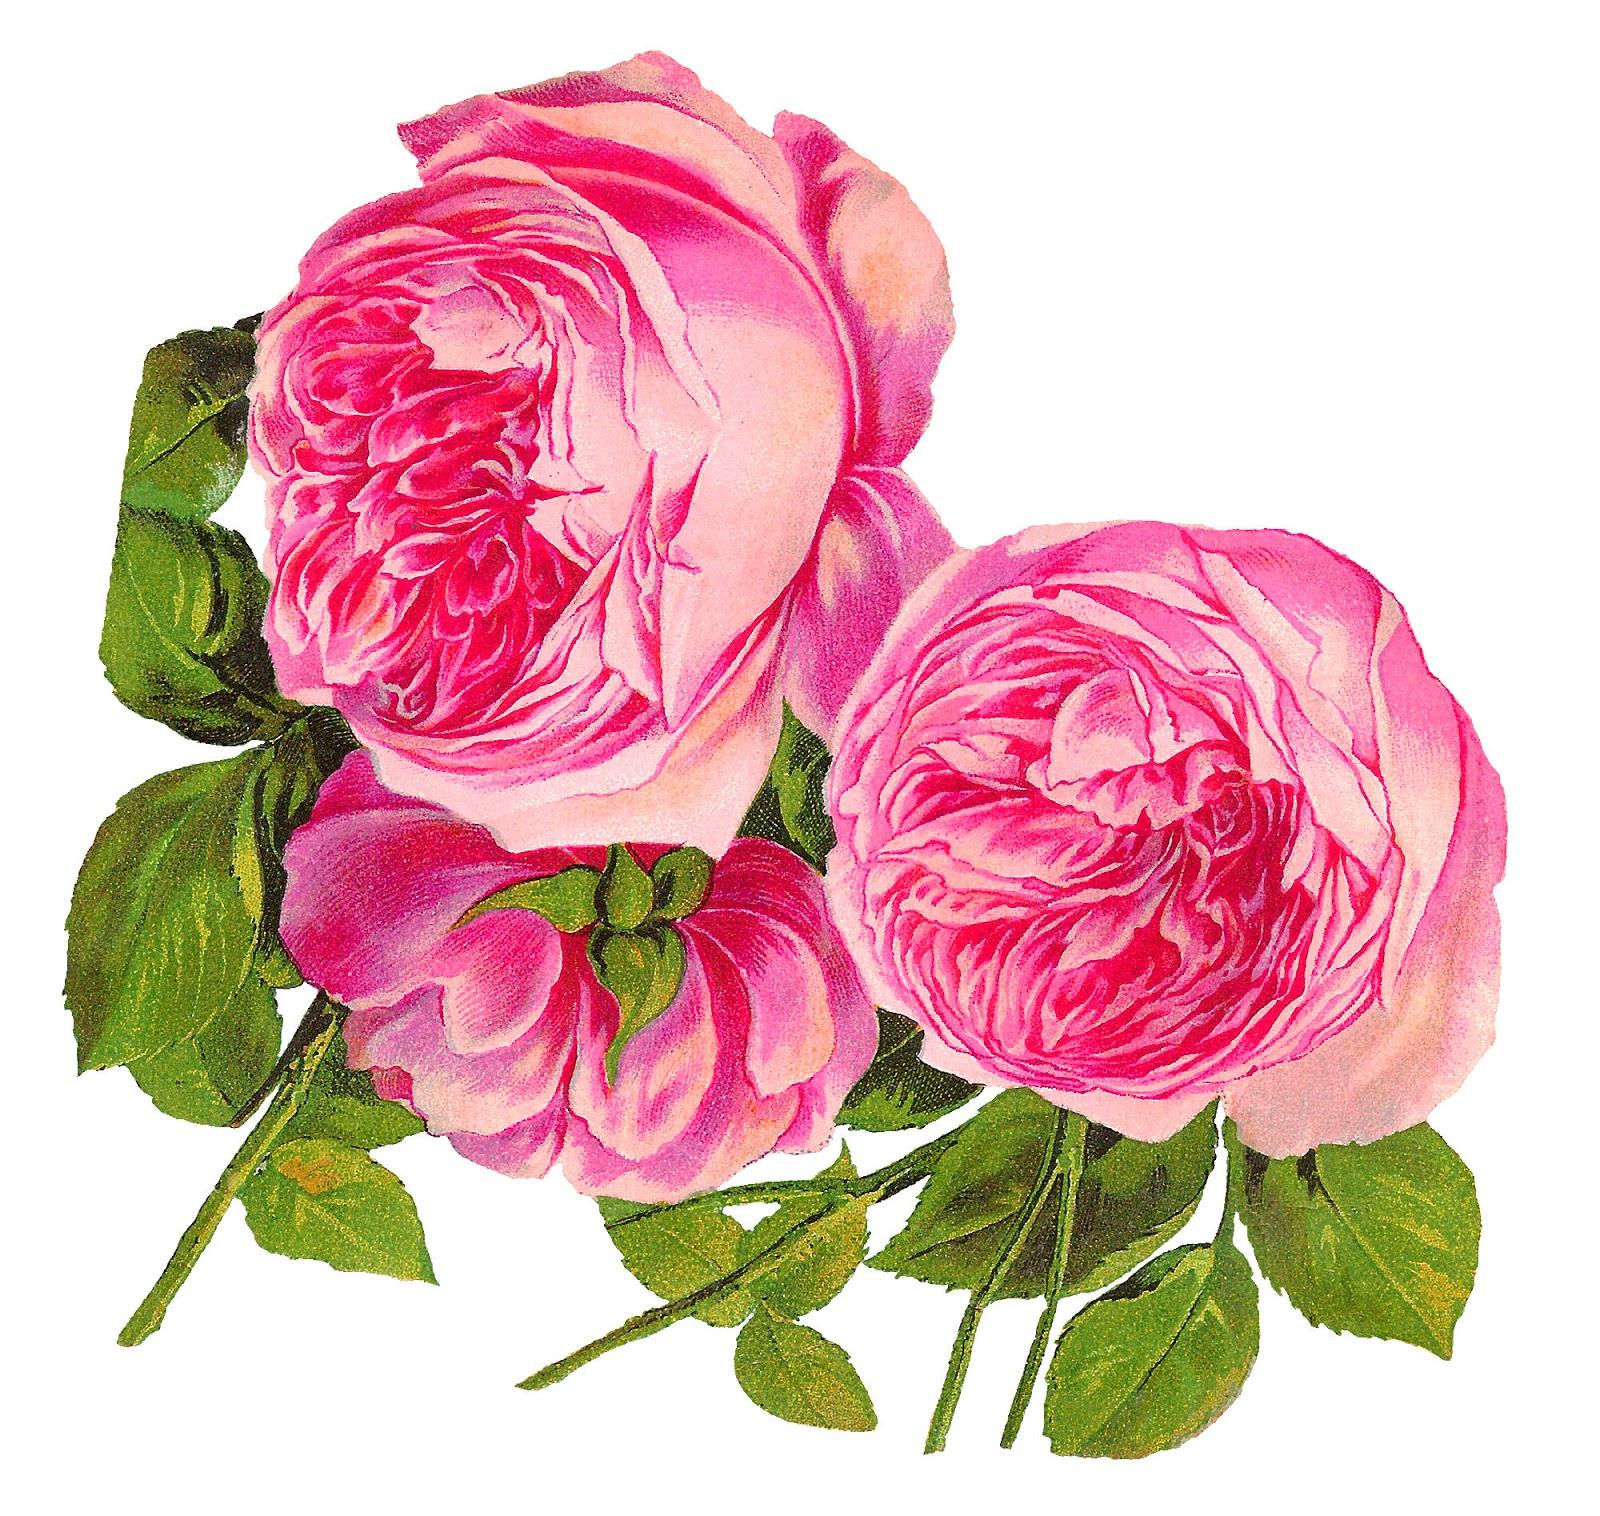 Antique images digital botanical artwork pink rose clip art flower digital botanical artwork pink rose clip art flower illustration download mightylinksfo